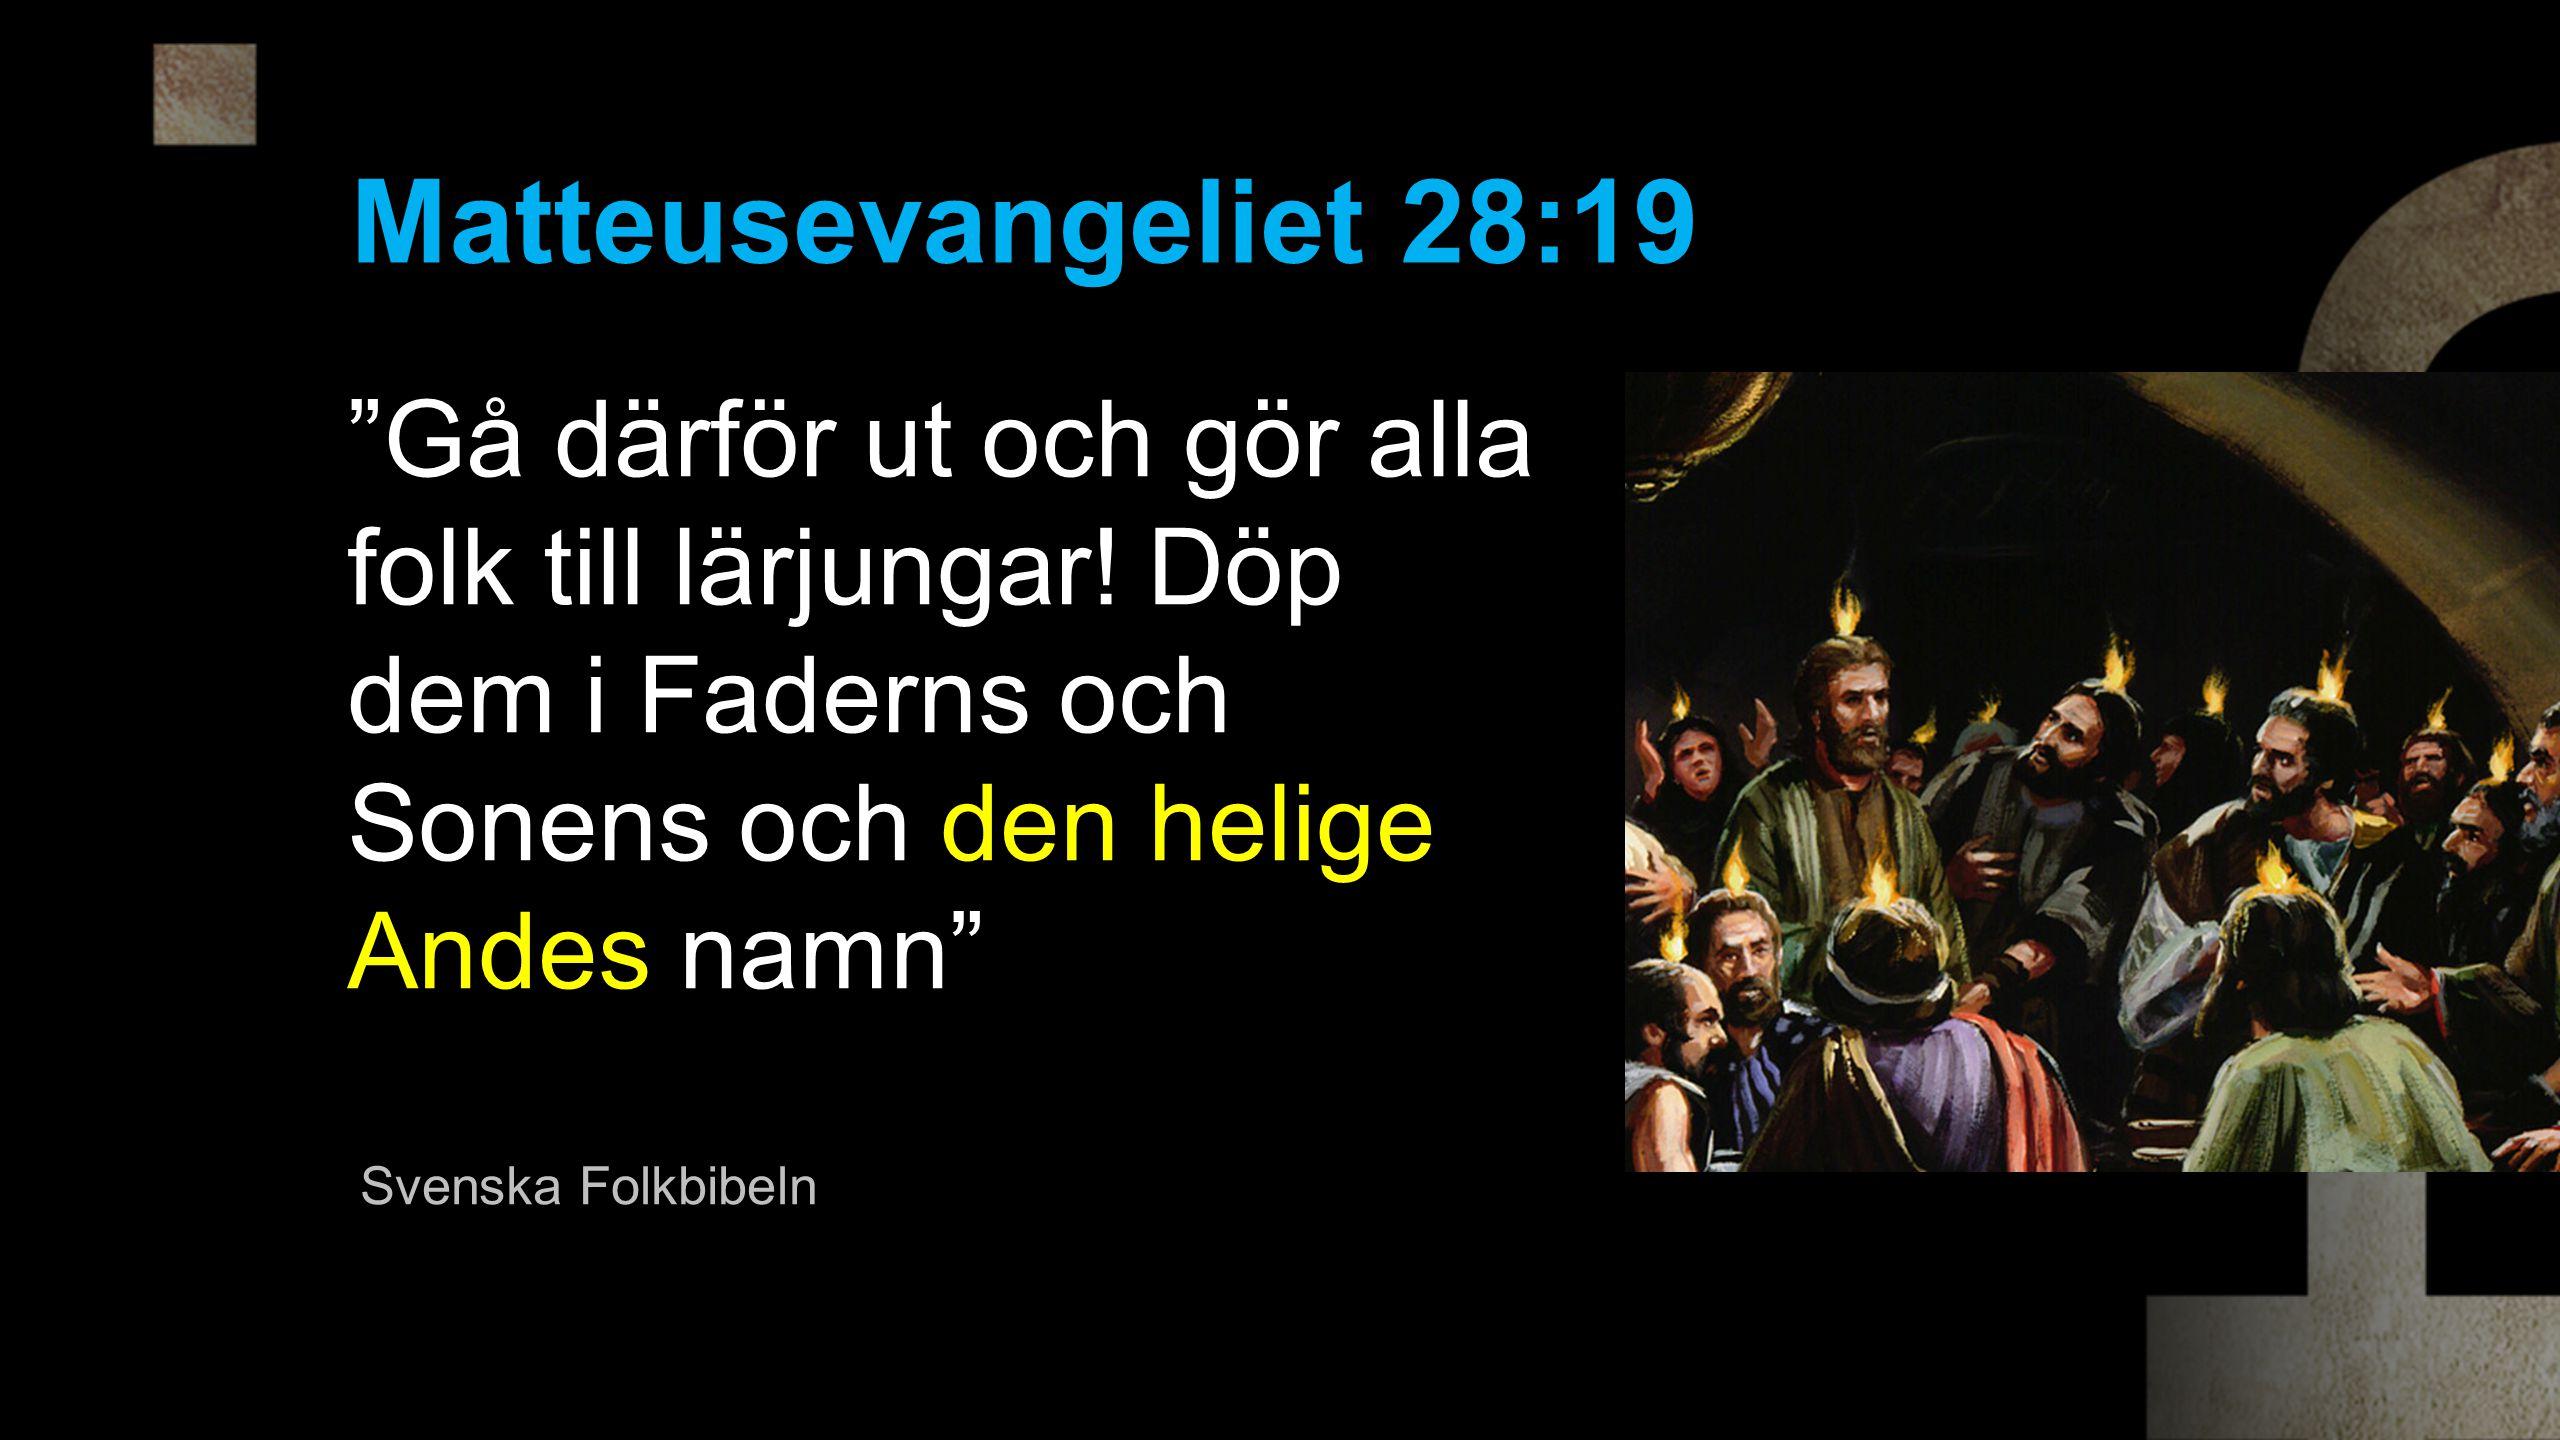 Matteusevangeliet 28:19 Gå därför ut och gör alla folk till lärjungar! Döp dem i Faderns och Sonens och den helige Andes namn